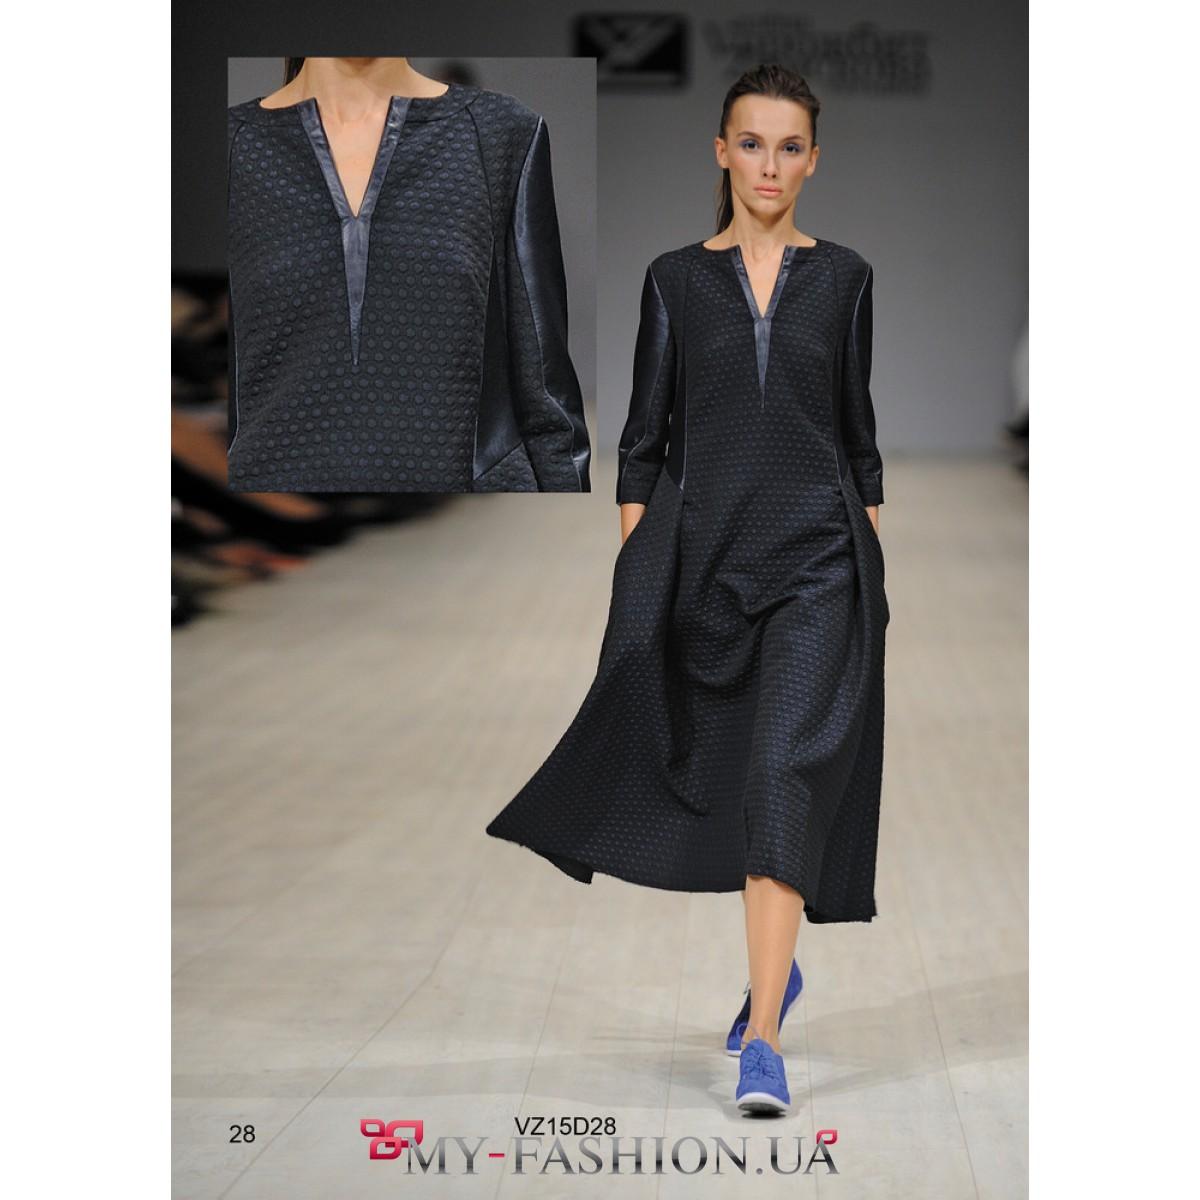 Купить черное платье свободного кроя